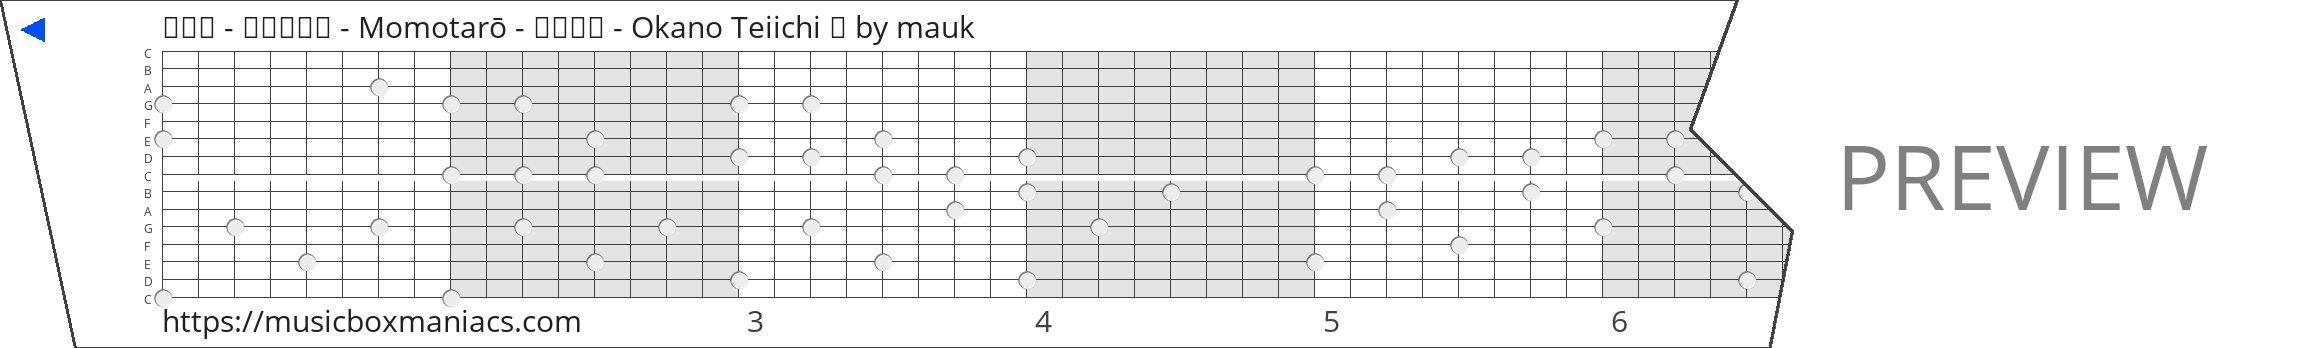 桃太郎 - ももたろう - Momotarō - 岡野貞一 - Okano Teiichi 🍑 15 note music box paper strip